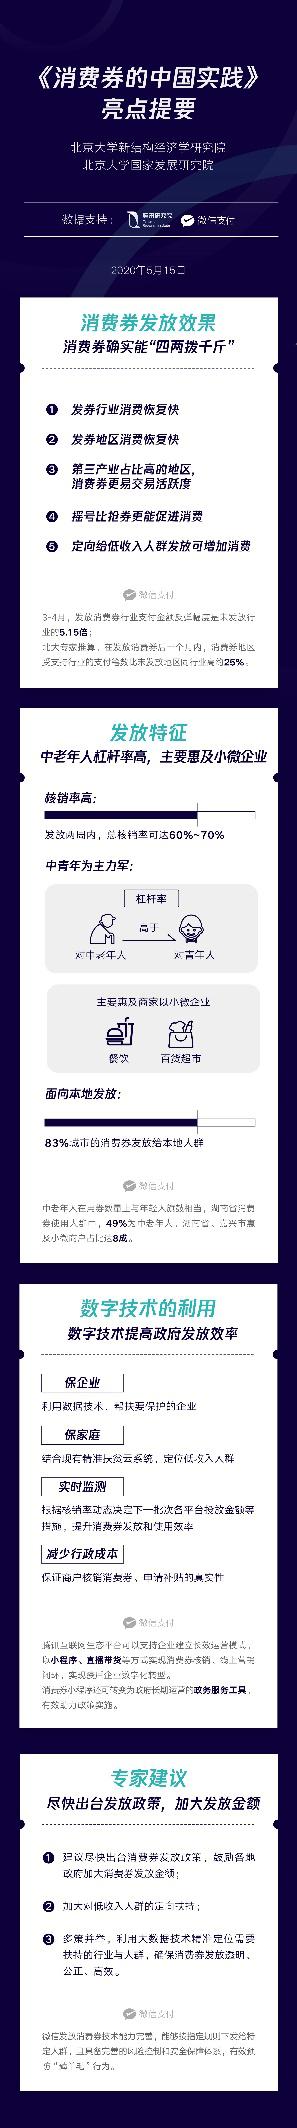 """""""四两拨千斤""""提振经济 腾讯司晓:数字消费券提升了社会的数字化能力"""